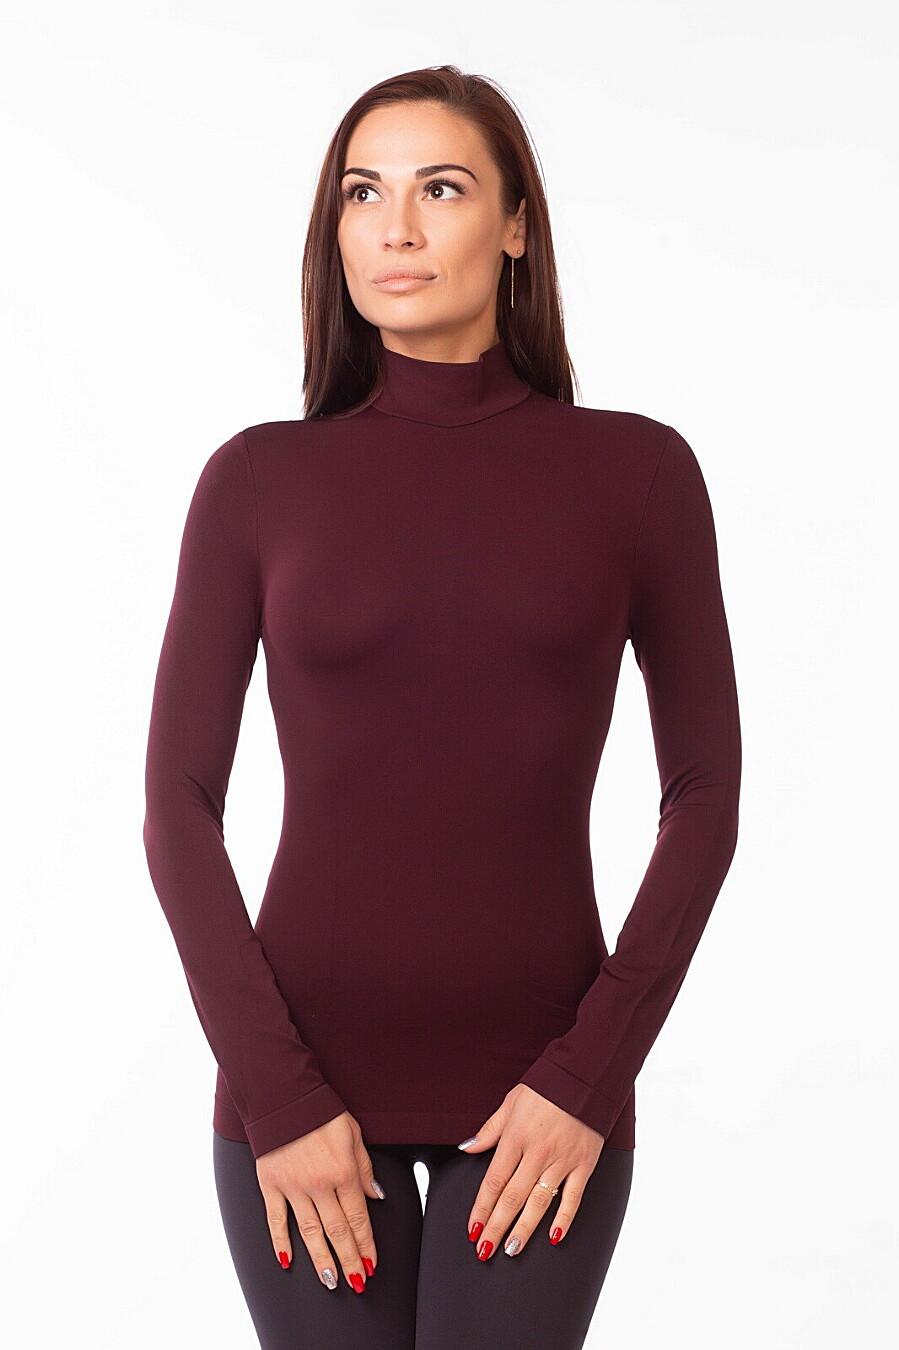 Водолазка для женщин GIULIA 146683 купить оптом от производителя. Совместная покупка женской одежды в OptMoyo